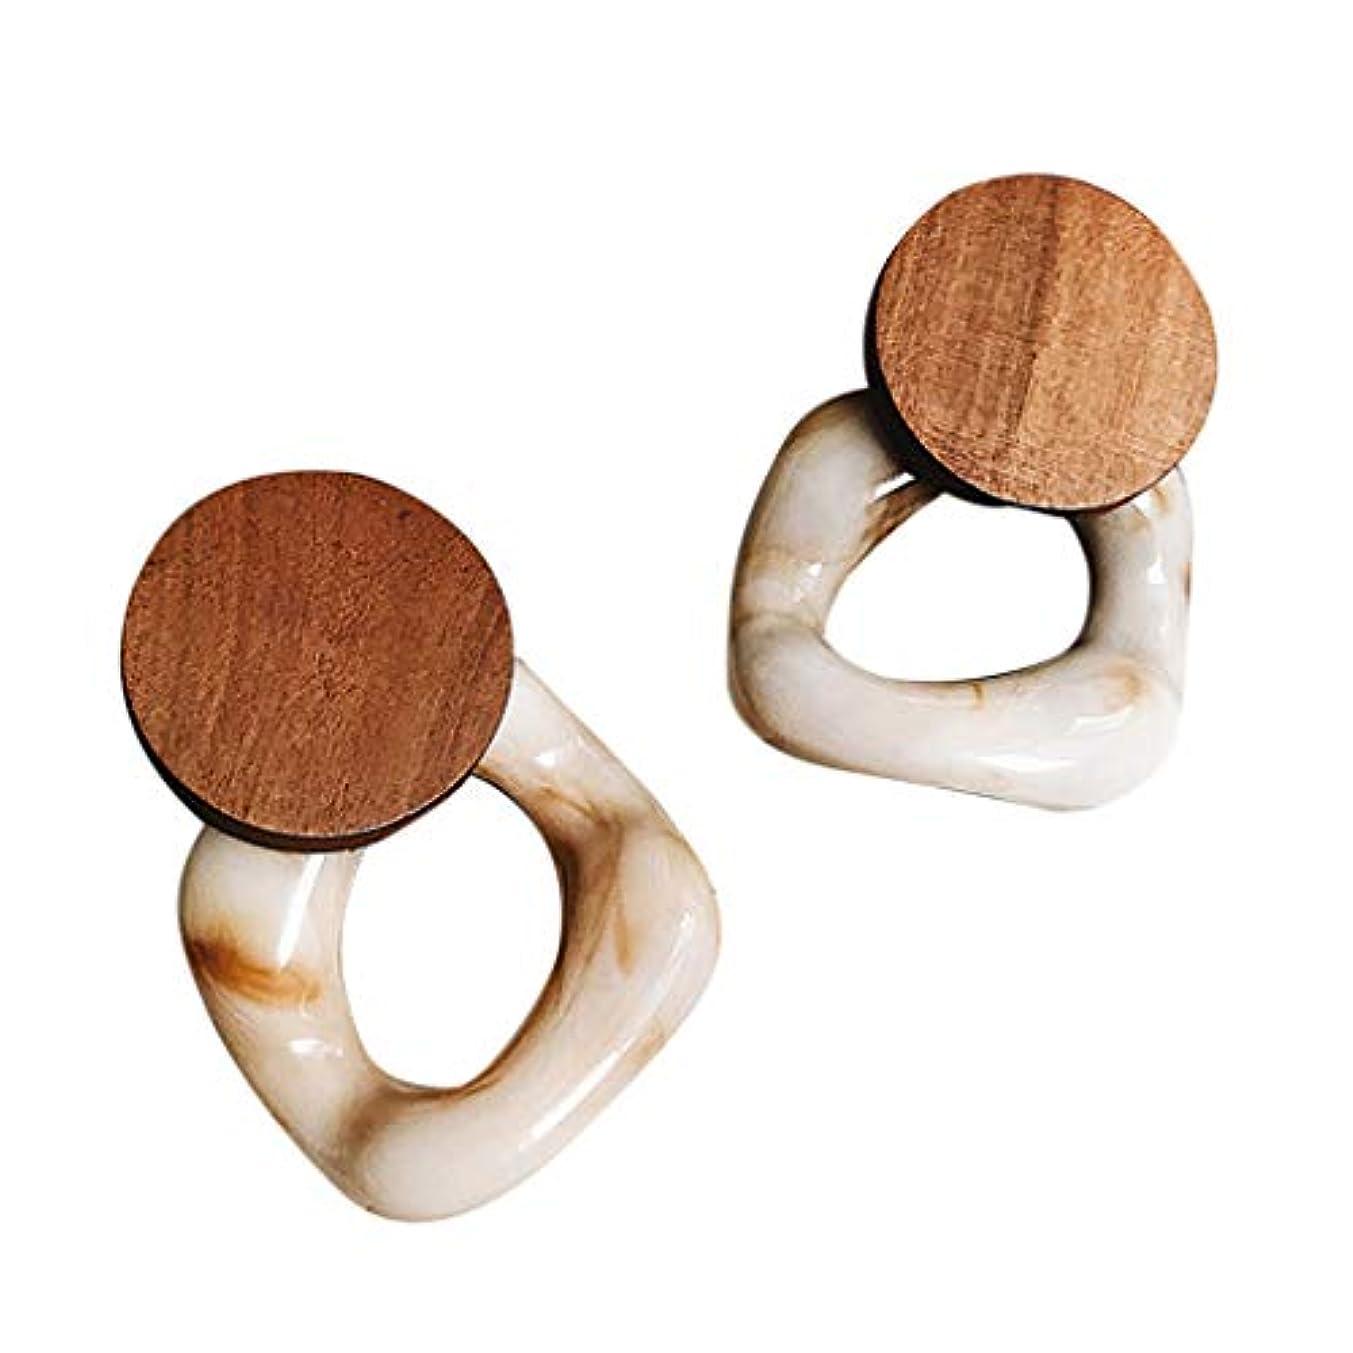 小道具ポータブルゴミ箱Nicircle 女性のための新しいファッション樹脂大イヤリング木製イヤリングジュエリー レトロ 樹脂 イヤリング New Fashion Resin Large Earrings For Women Wooden Earrings...